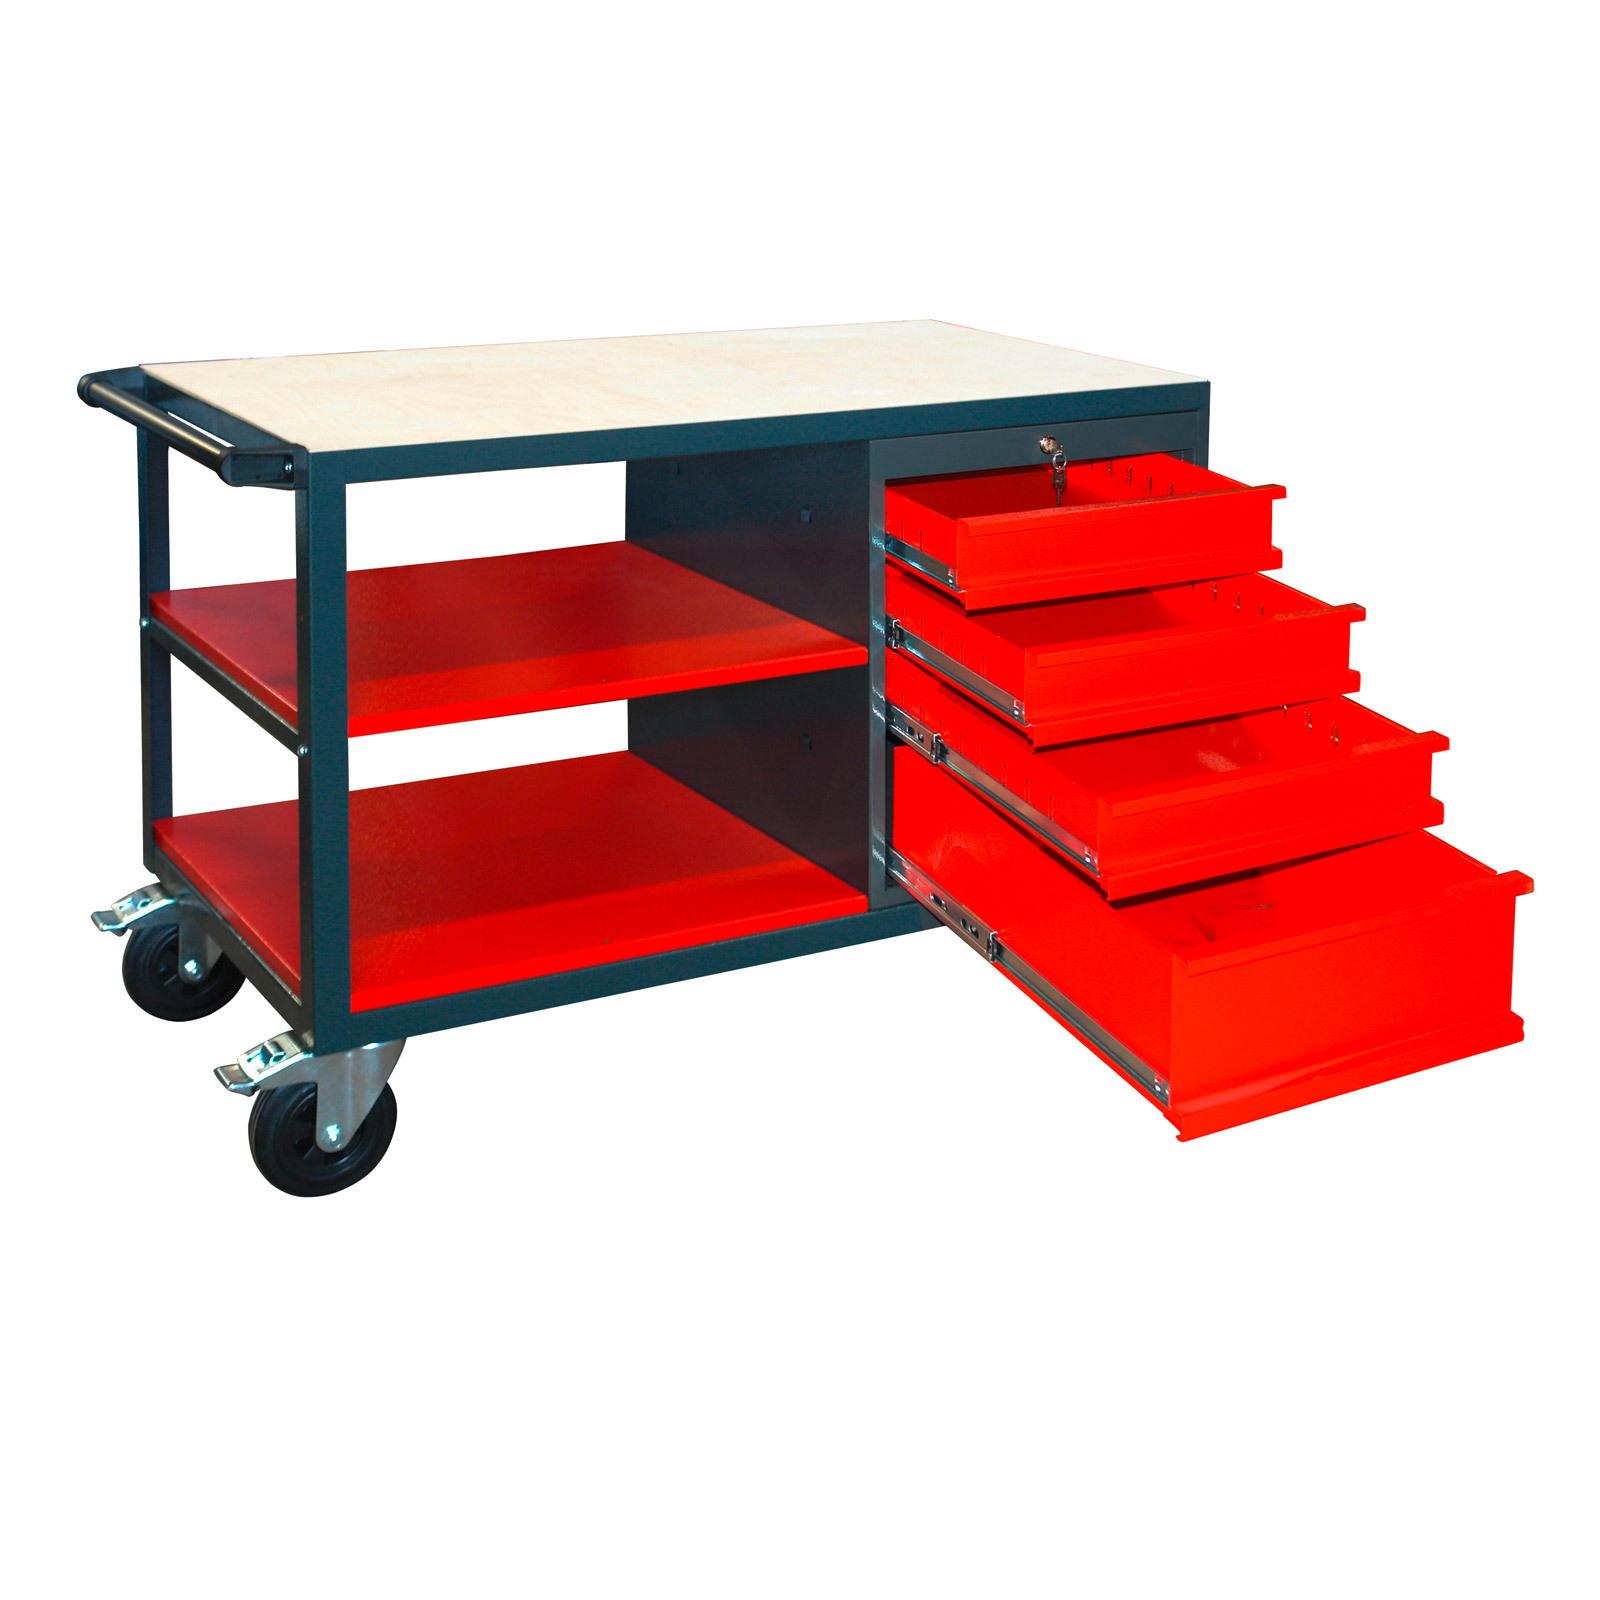 werkbank werktisch arbeitstisch werkstattwagen mit rollen 4 schubladen ablage 4031765409193 ebay. Black Bedroom Furniture Sets. Home Design Ideas